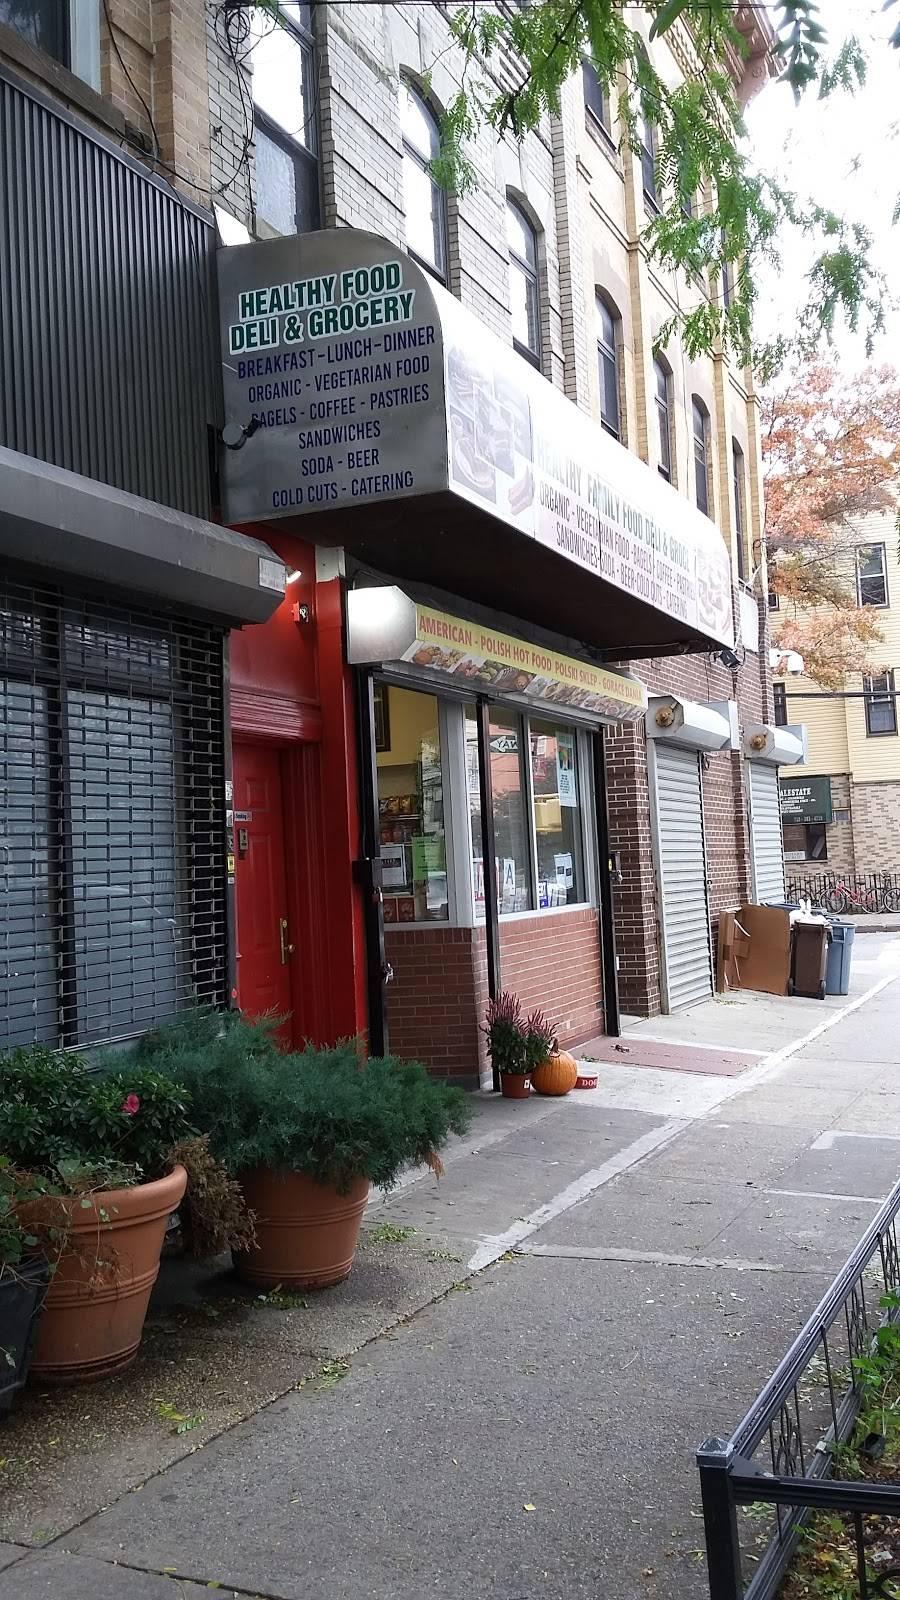 Healthy Family Food & Deli   restaurant   59-37 Driggs Ave, Brooklyn, NY 11222, USA